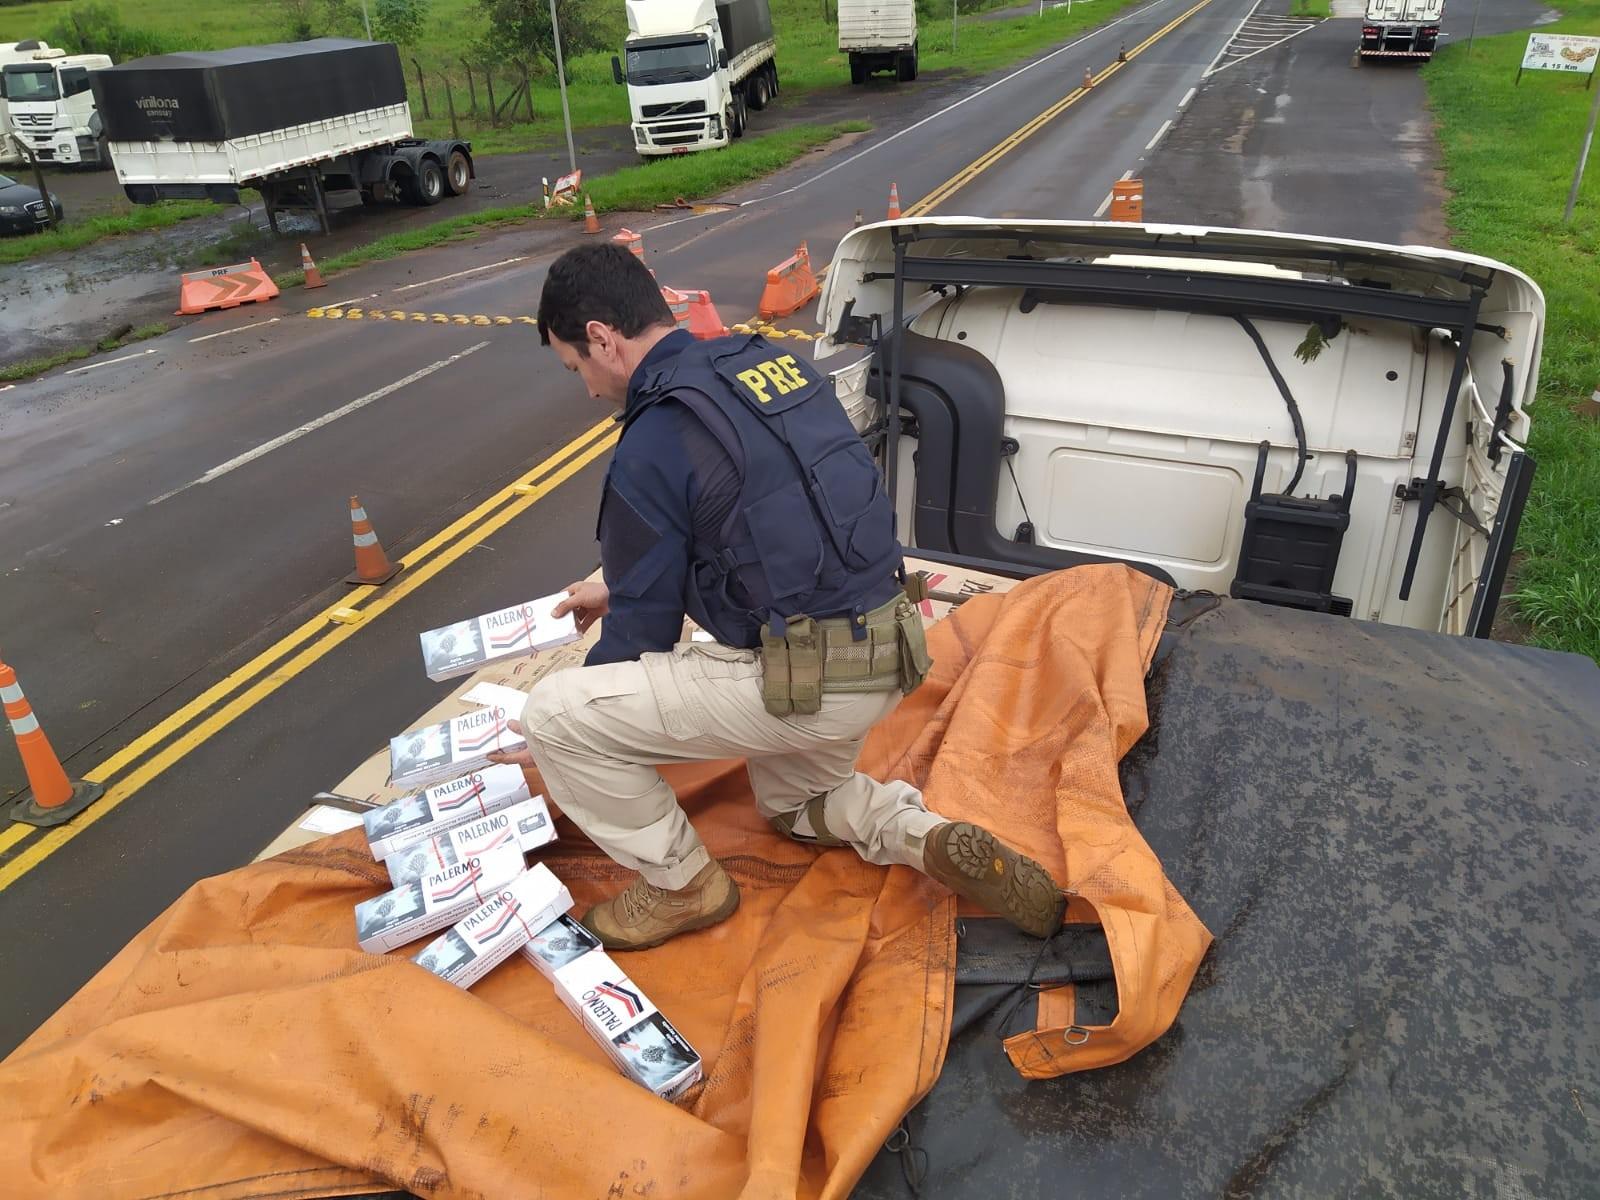 Caminhão carregado com cigarros contrabandeados é apreendido após perseguição, no Paraná; VÍDEO